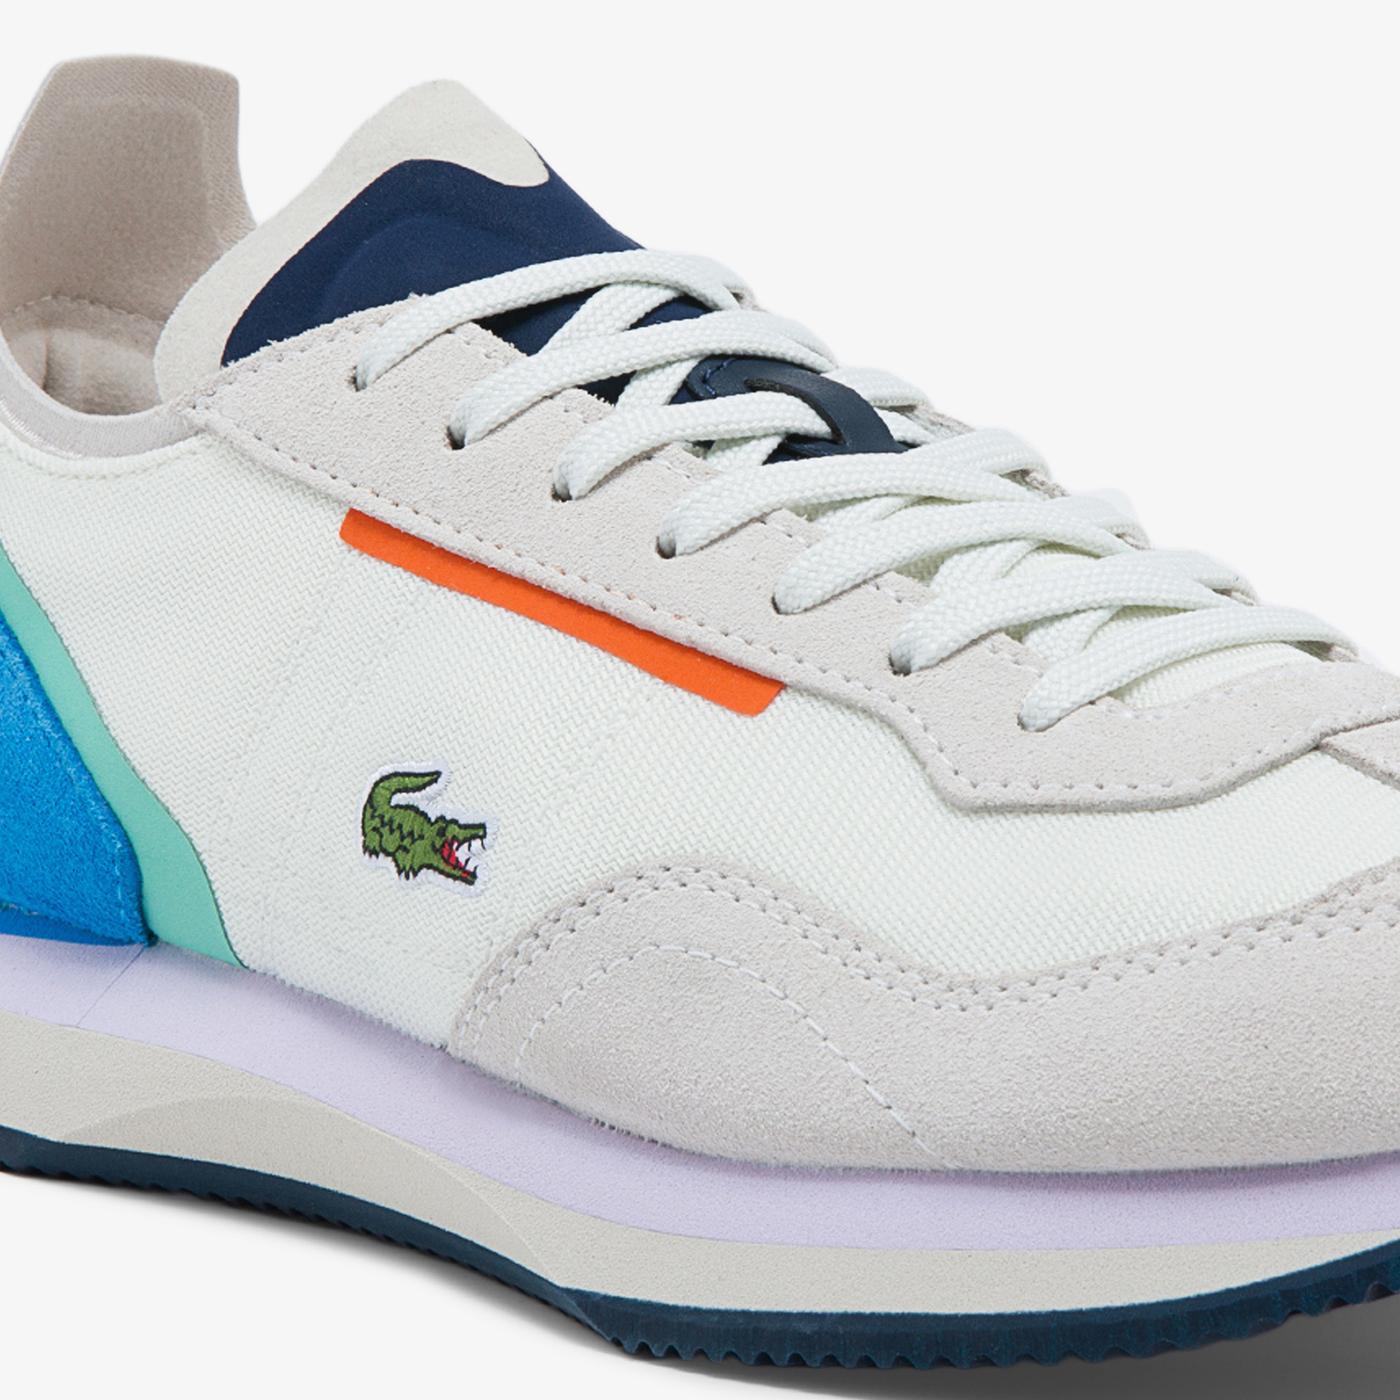 Lacoste Match Break Kadın Beyaz - Mavi Spor Ayakkabı